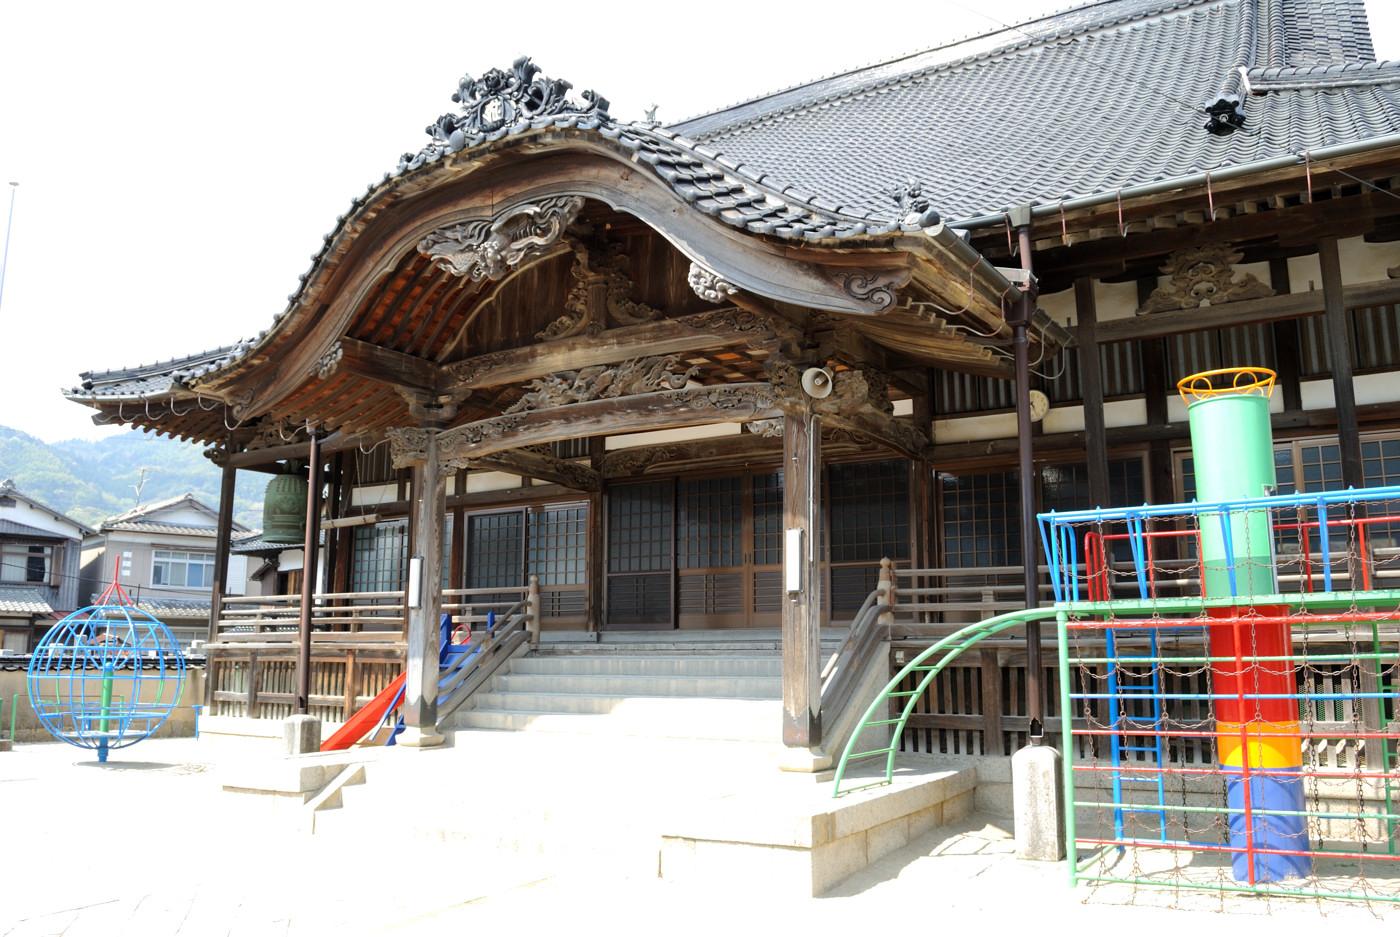 遊具とお寺の融合